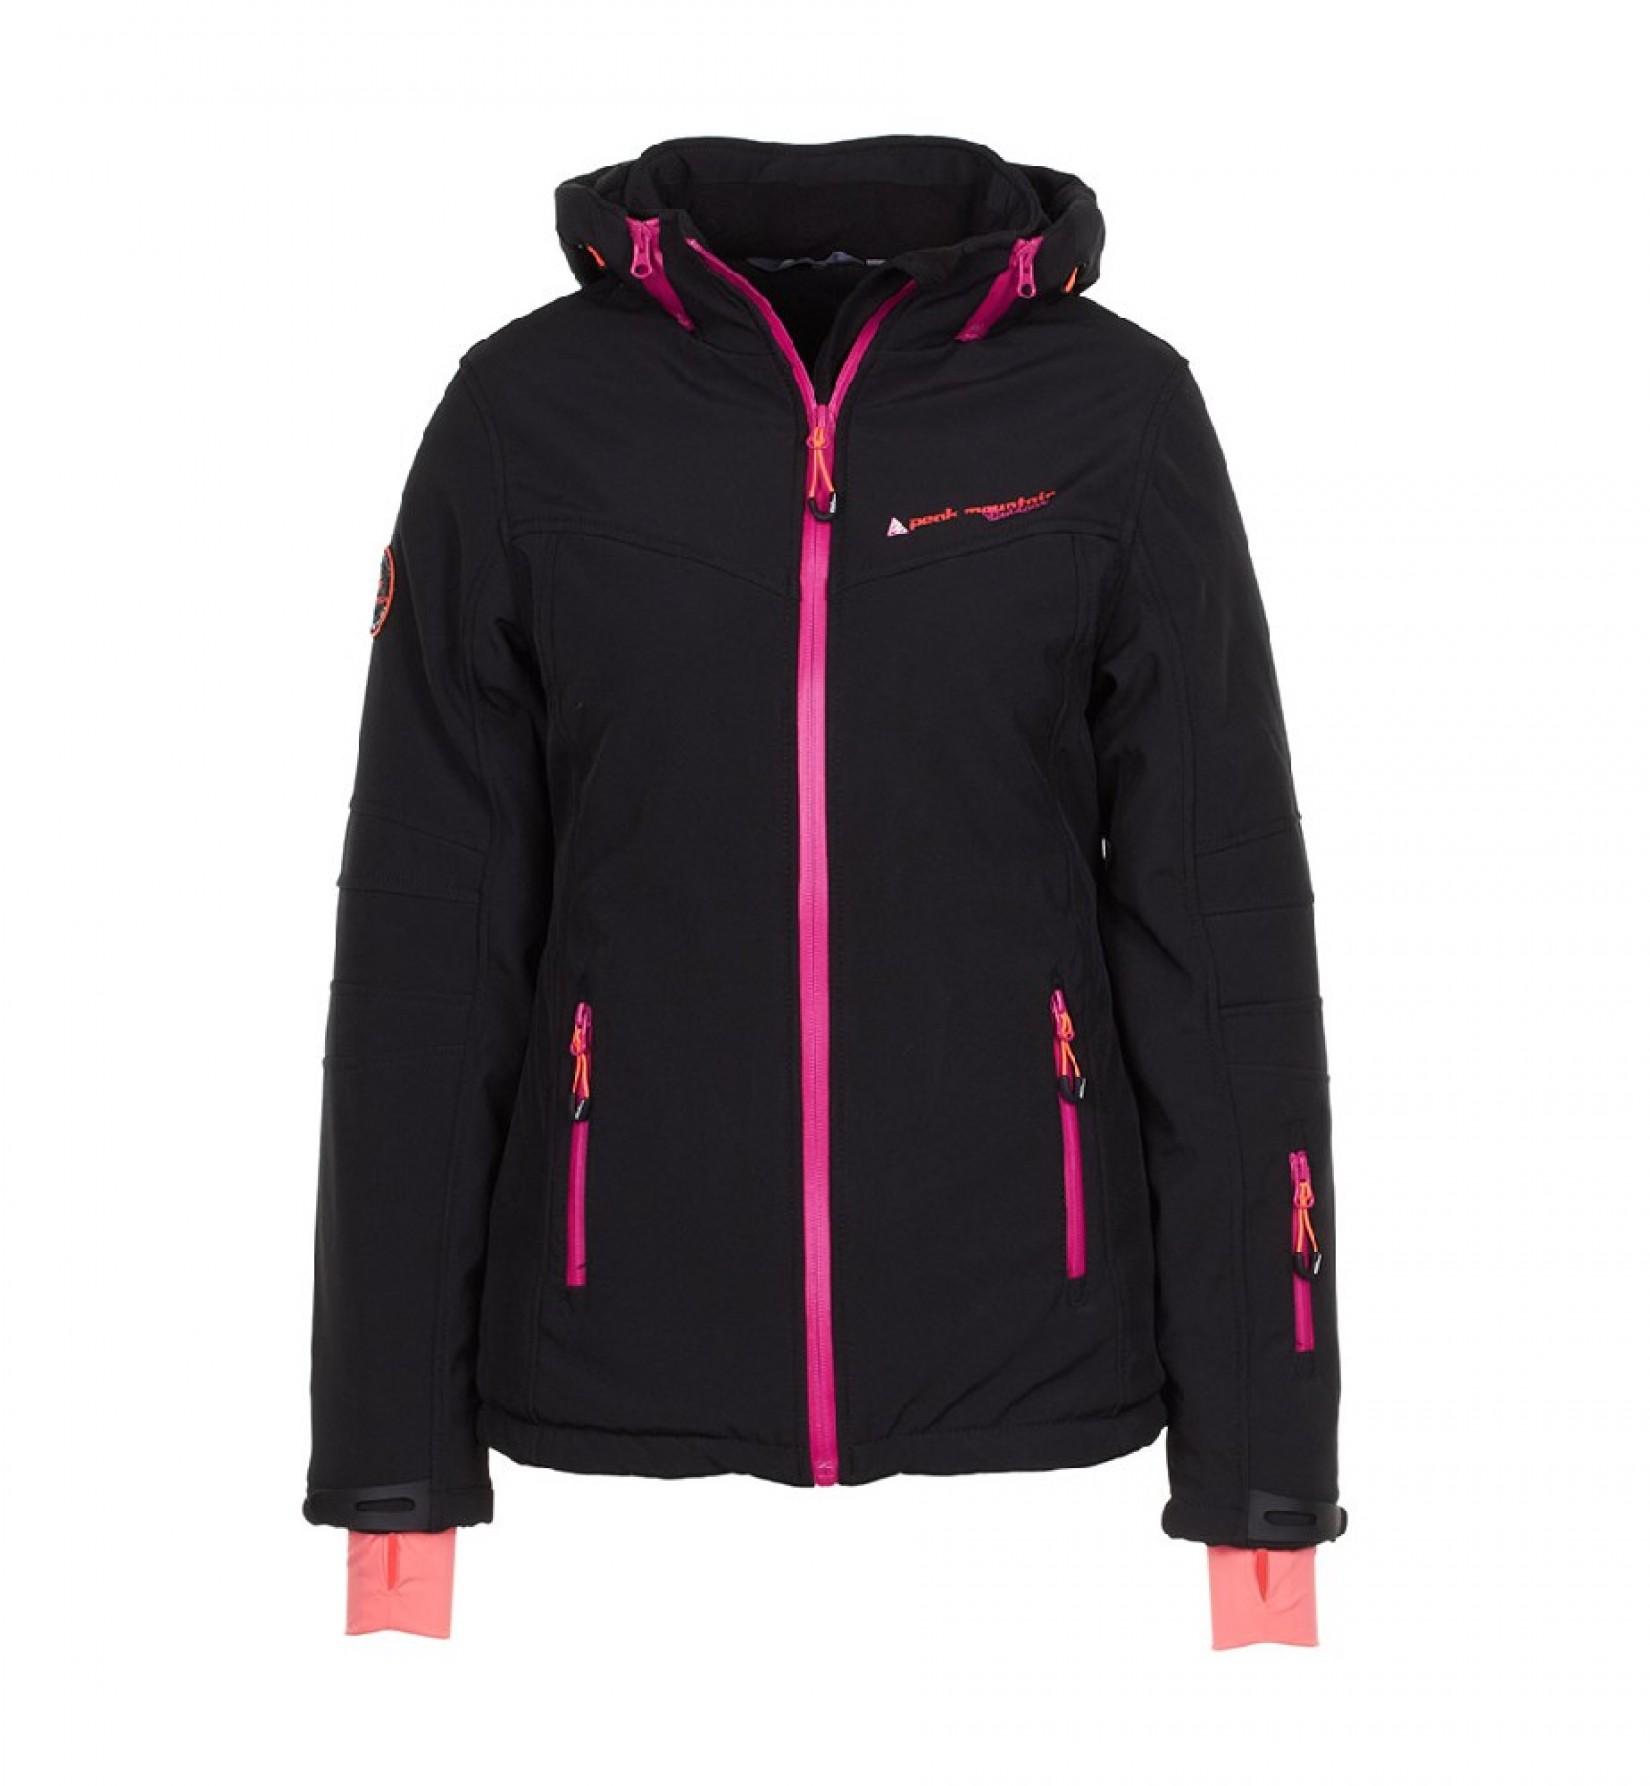 Veste de ski femme peak mountain AMALI noir 3498f9cee56c